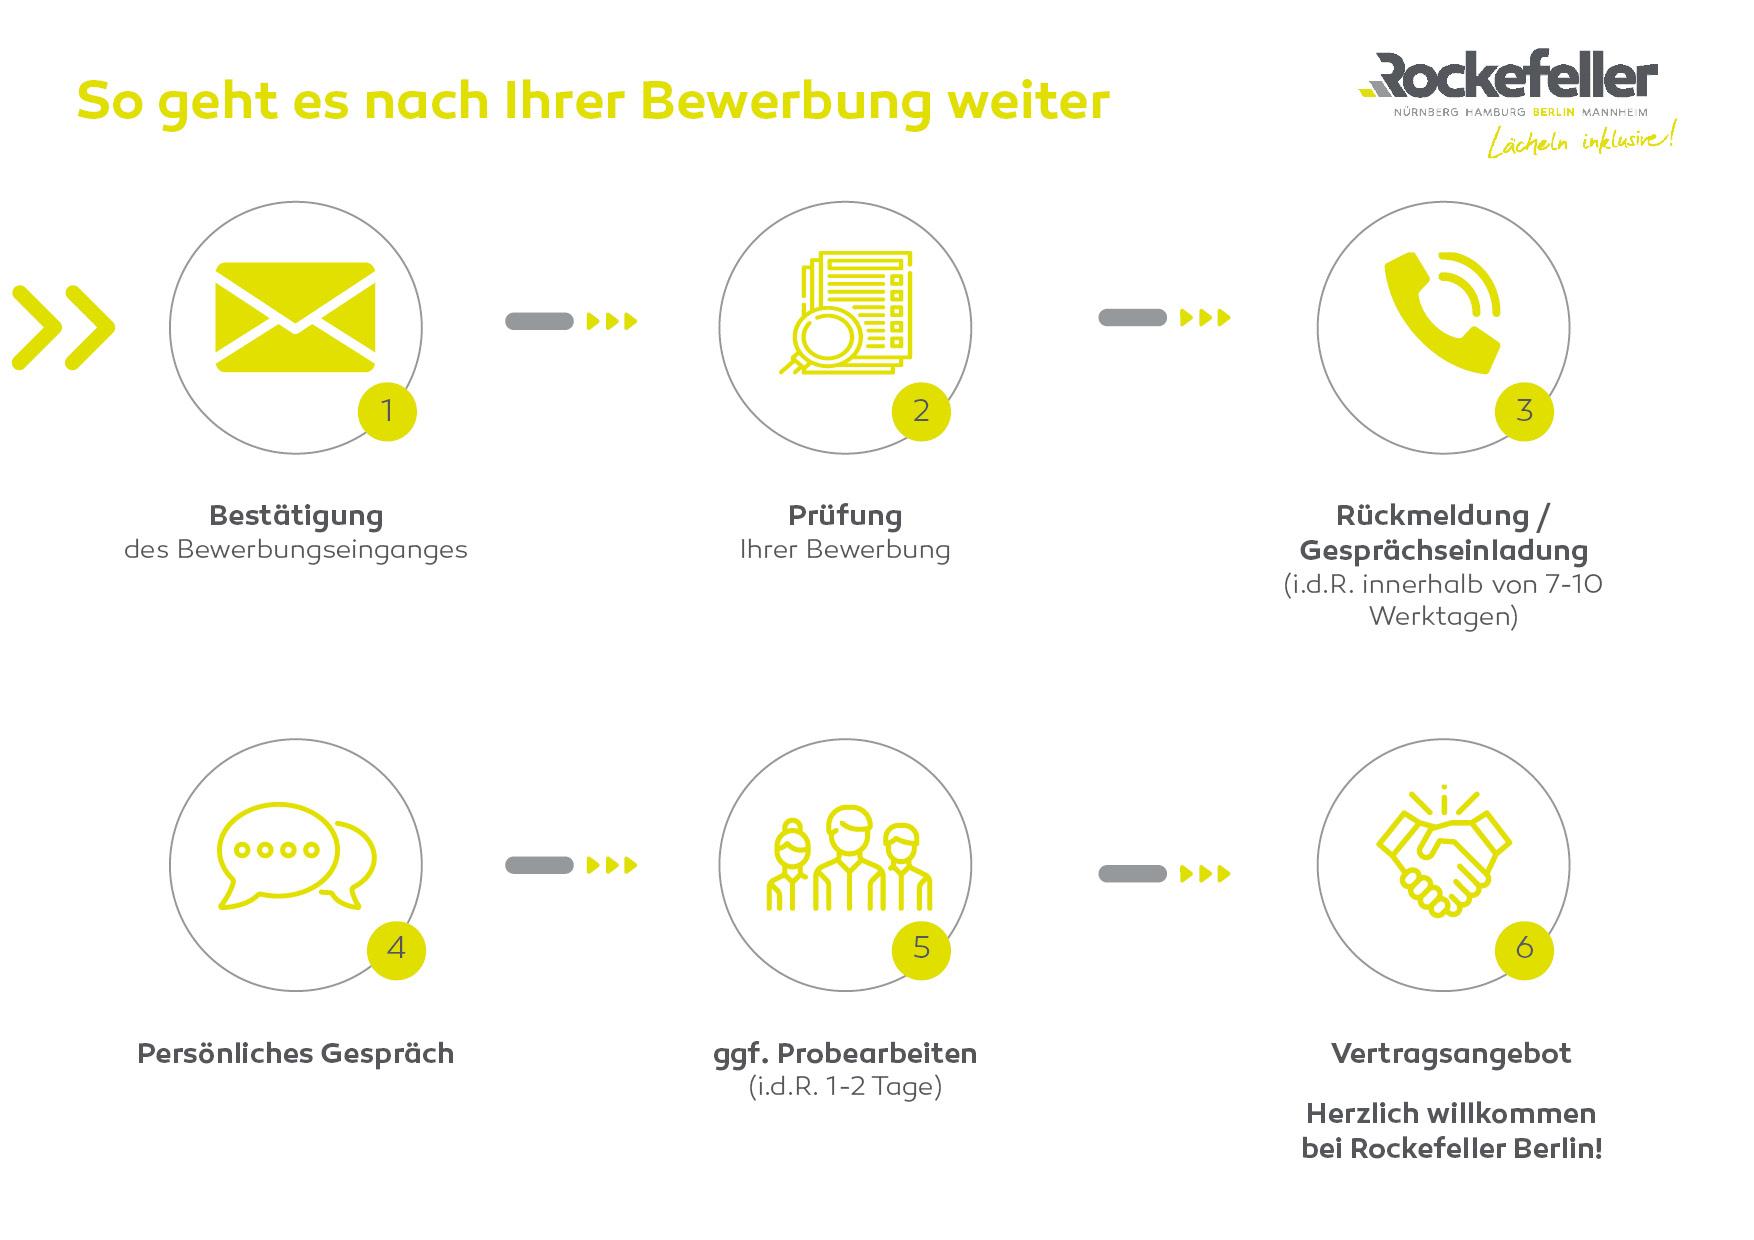 Bewerbungsprozess bei Rockefeller Berlin